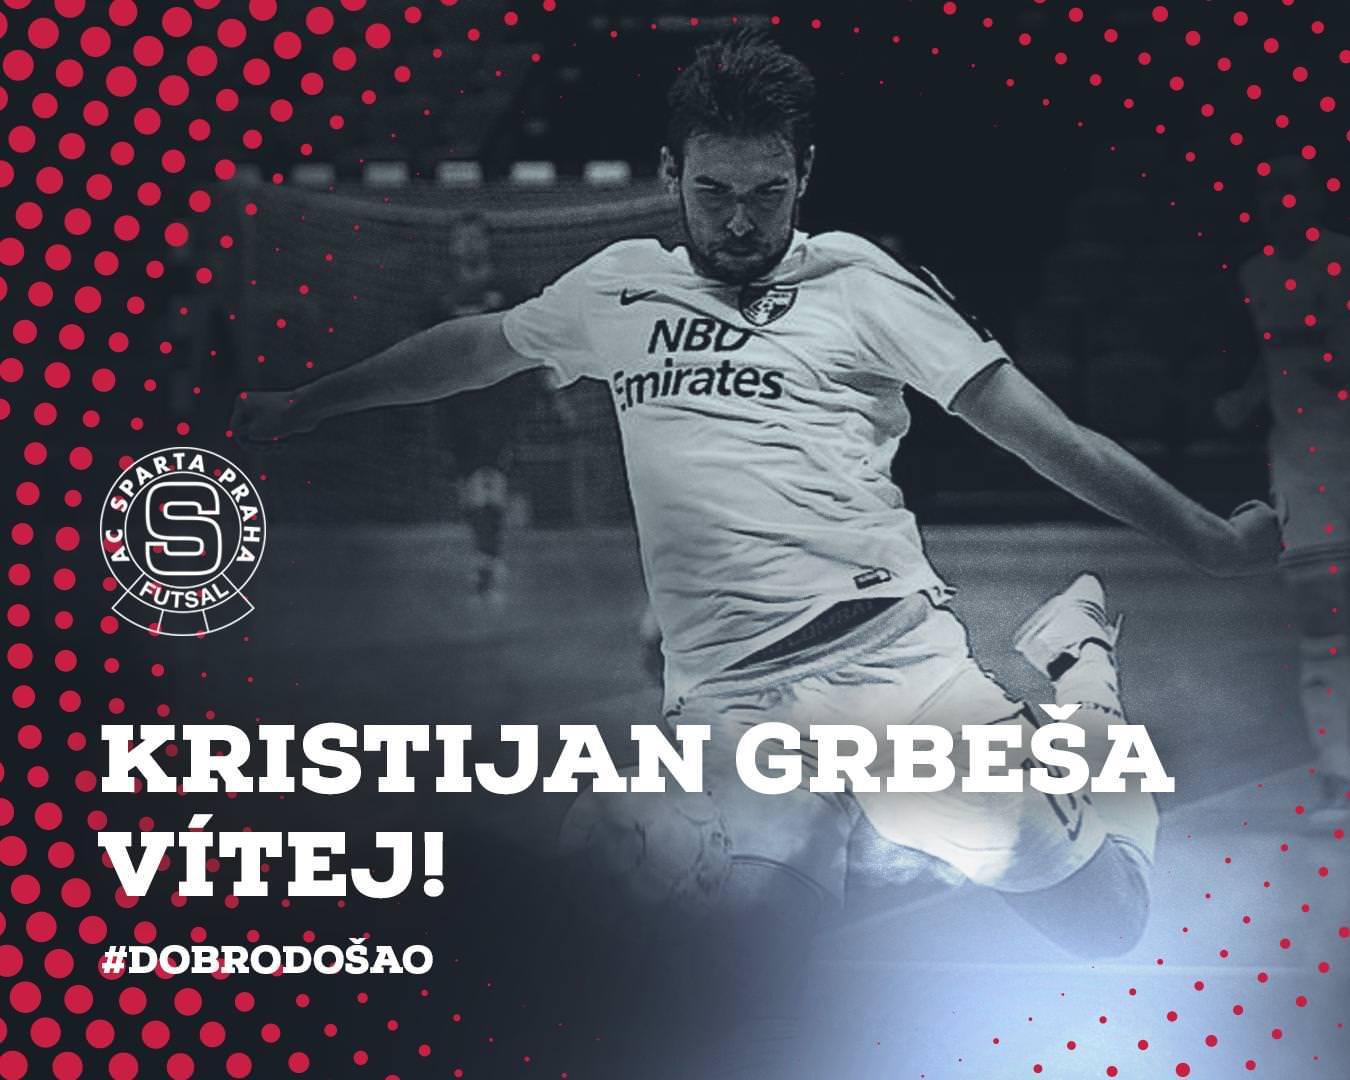 Prozatím poslední posilou Sparty před startem nové sezony je Kristijan Grbeša